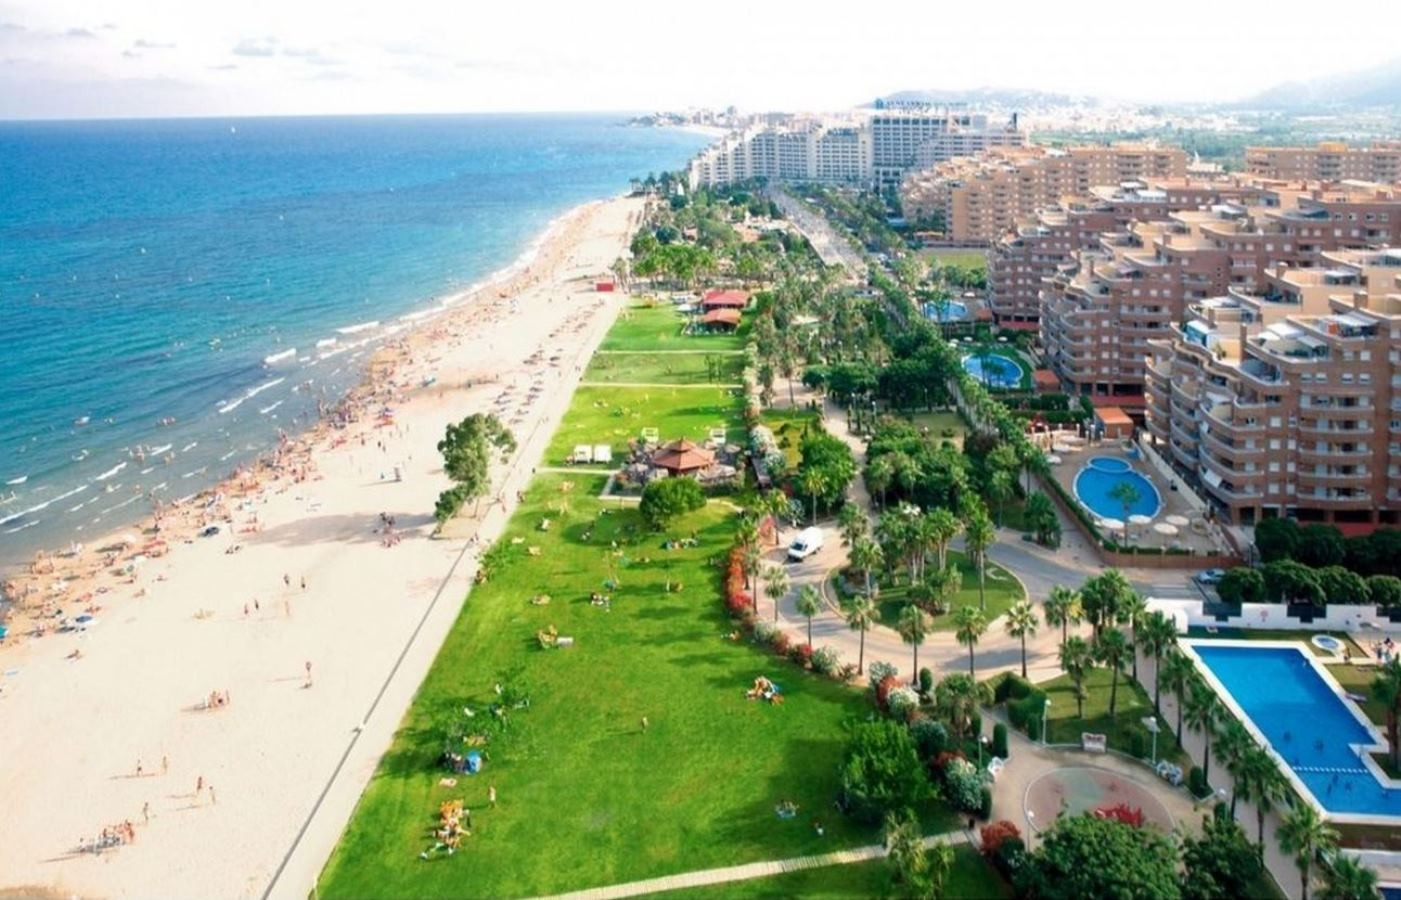 Apartamentos en oropesa del mar alquiler de apartamentos en oropesa del mar - Apartamentos alicante alquiler ...